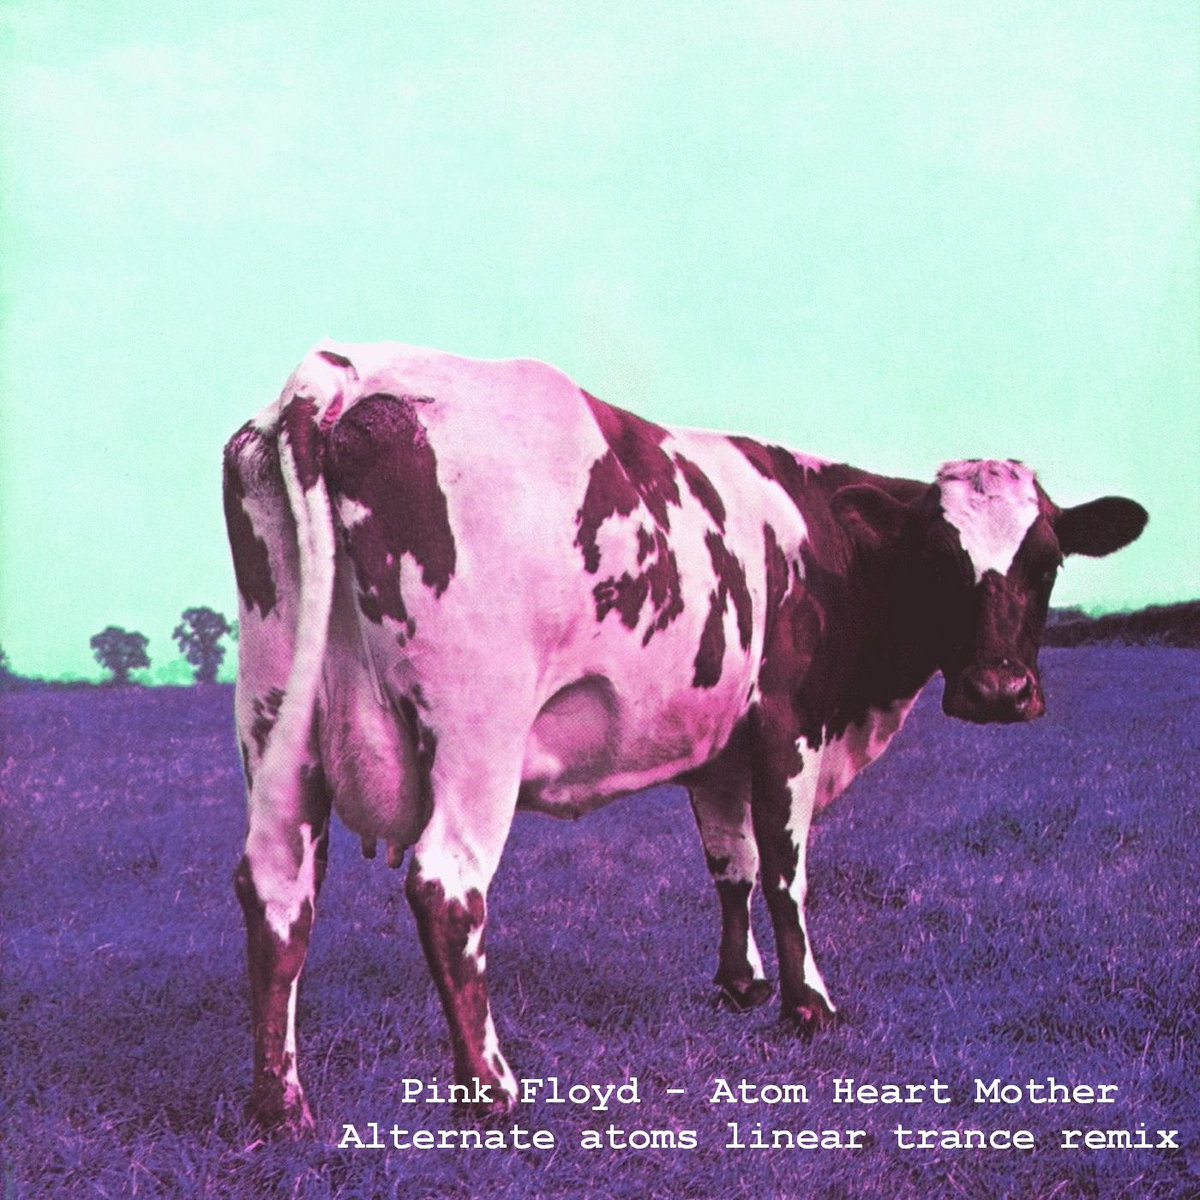 Atom heart mother (fruitless linear trance remix) | linear